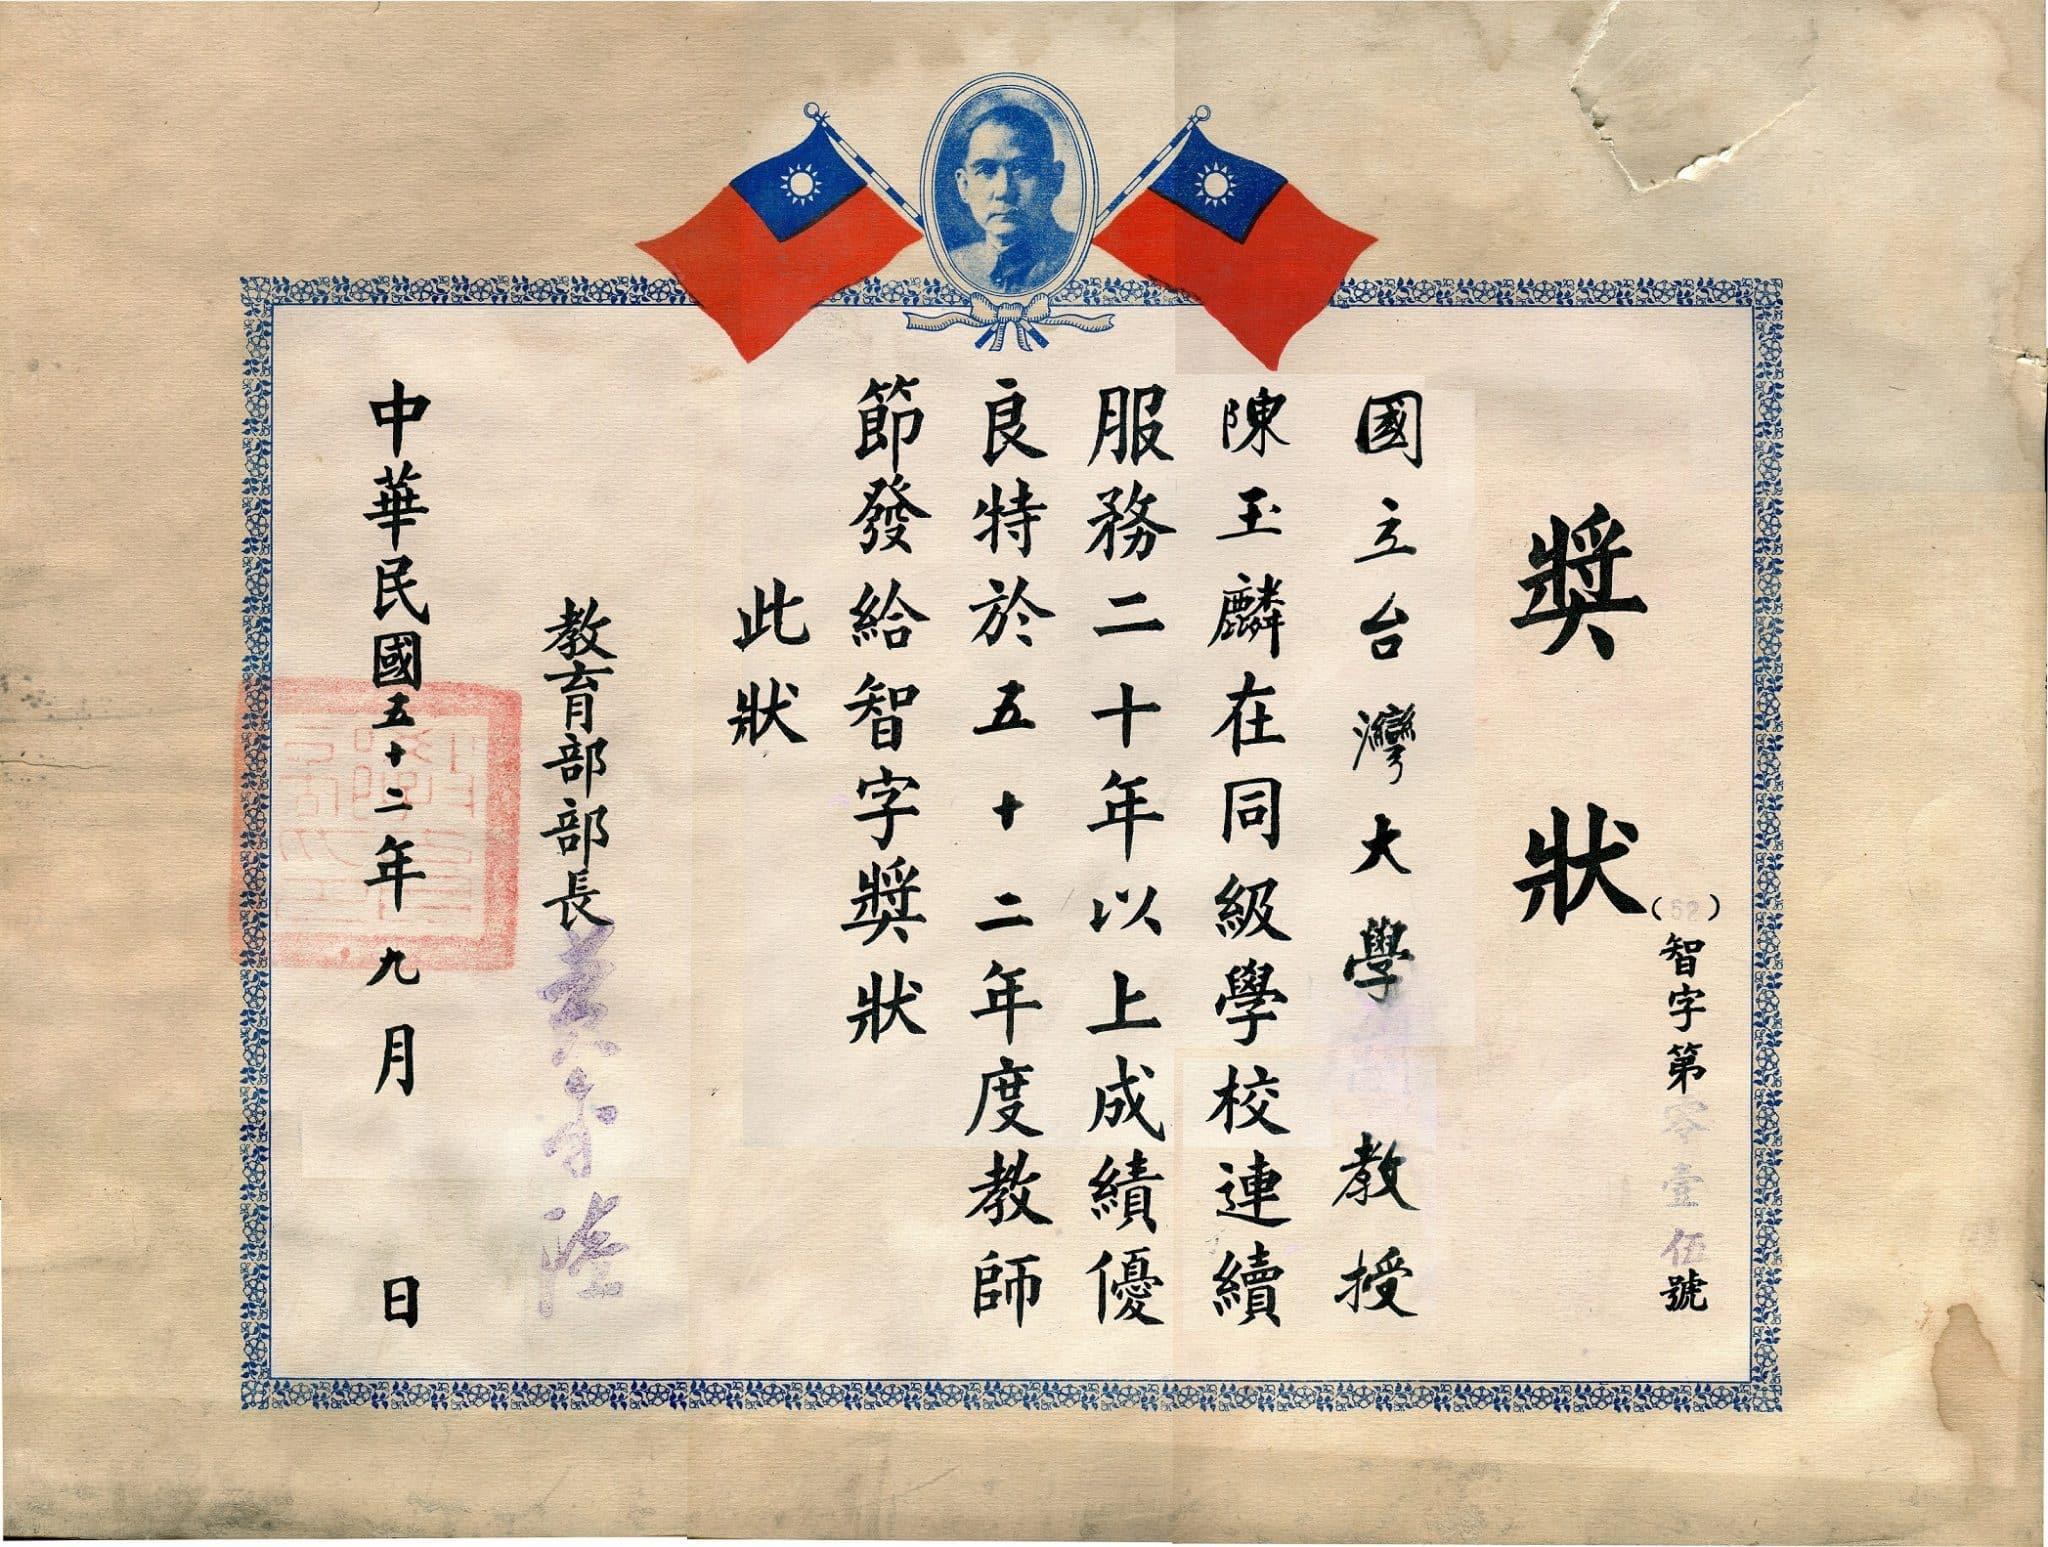 陳玉麟_民國52年9月_獎狀